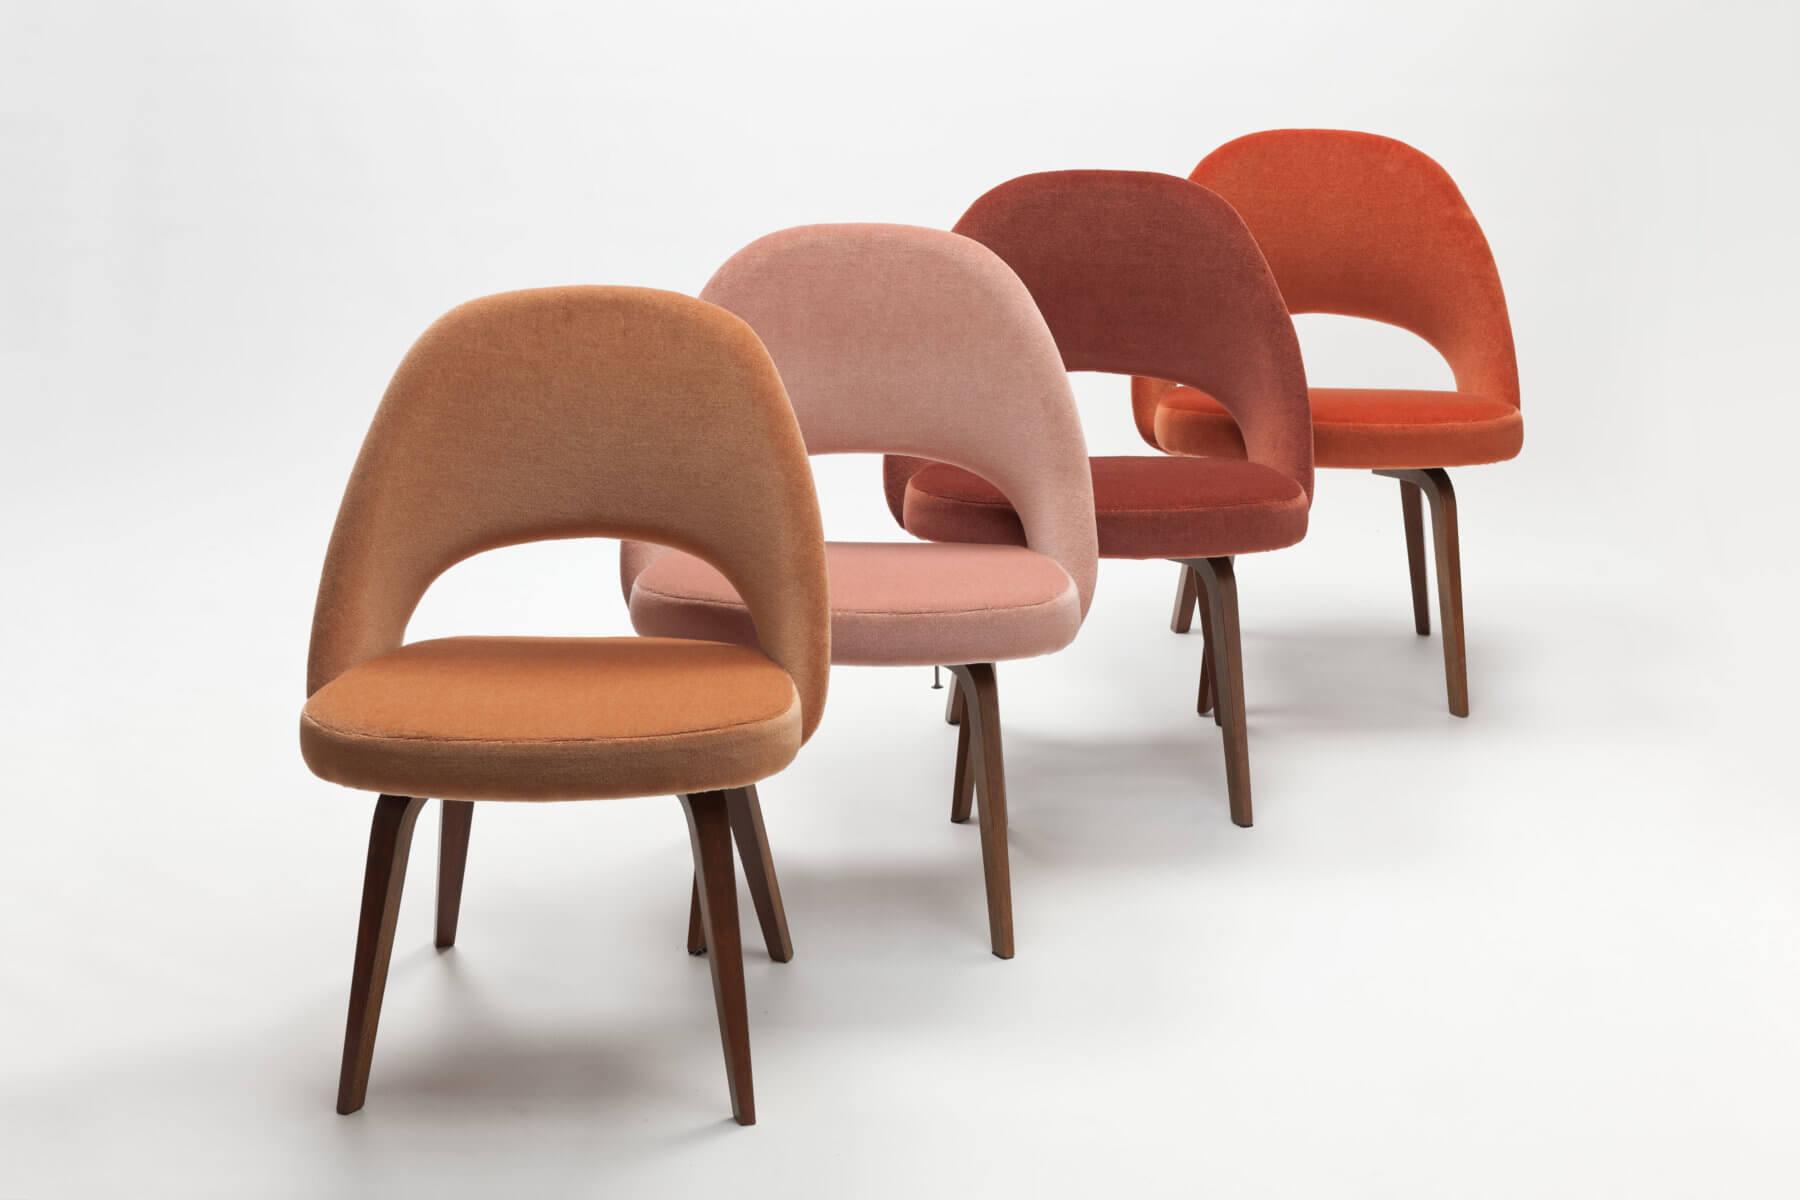 Vintage 'Conference Chairs' met houten poten